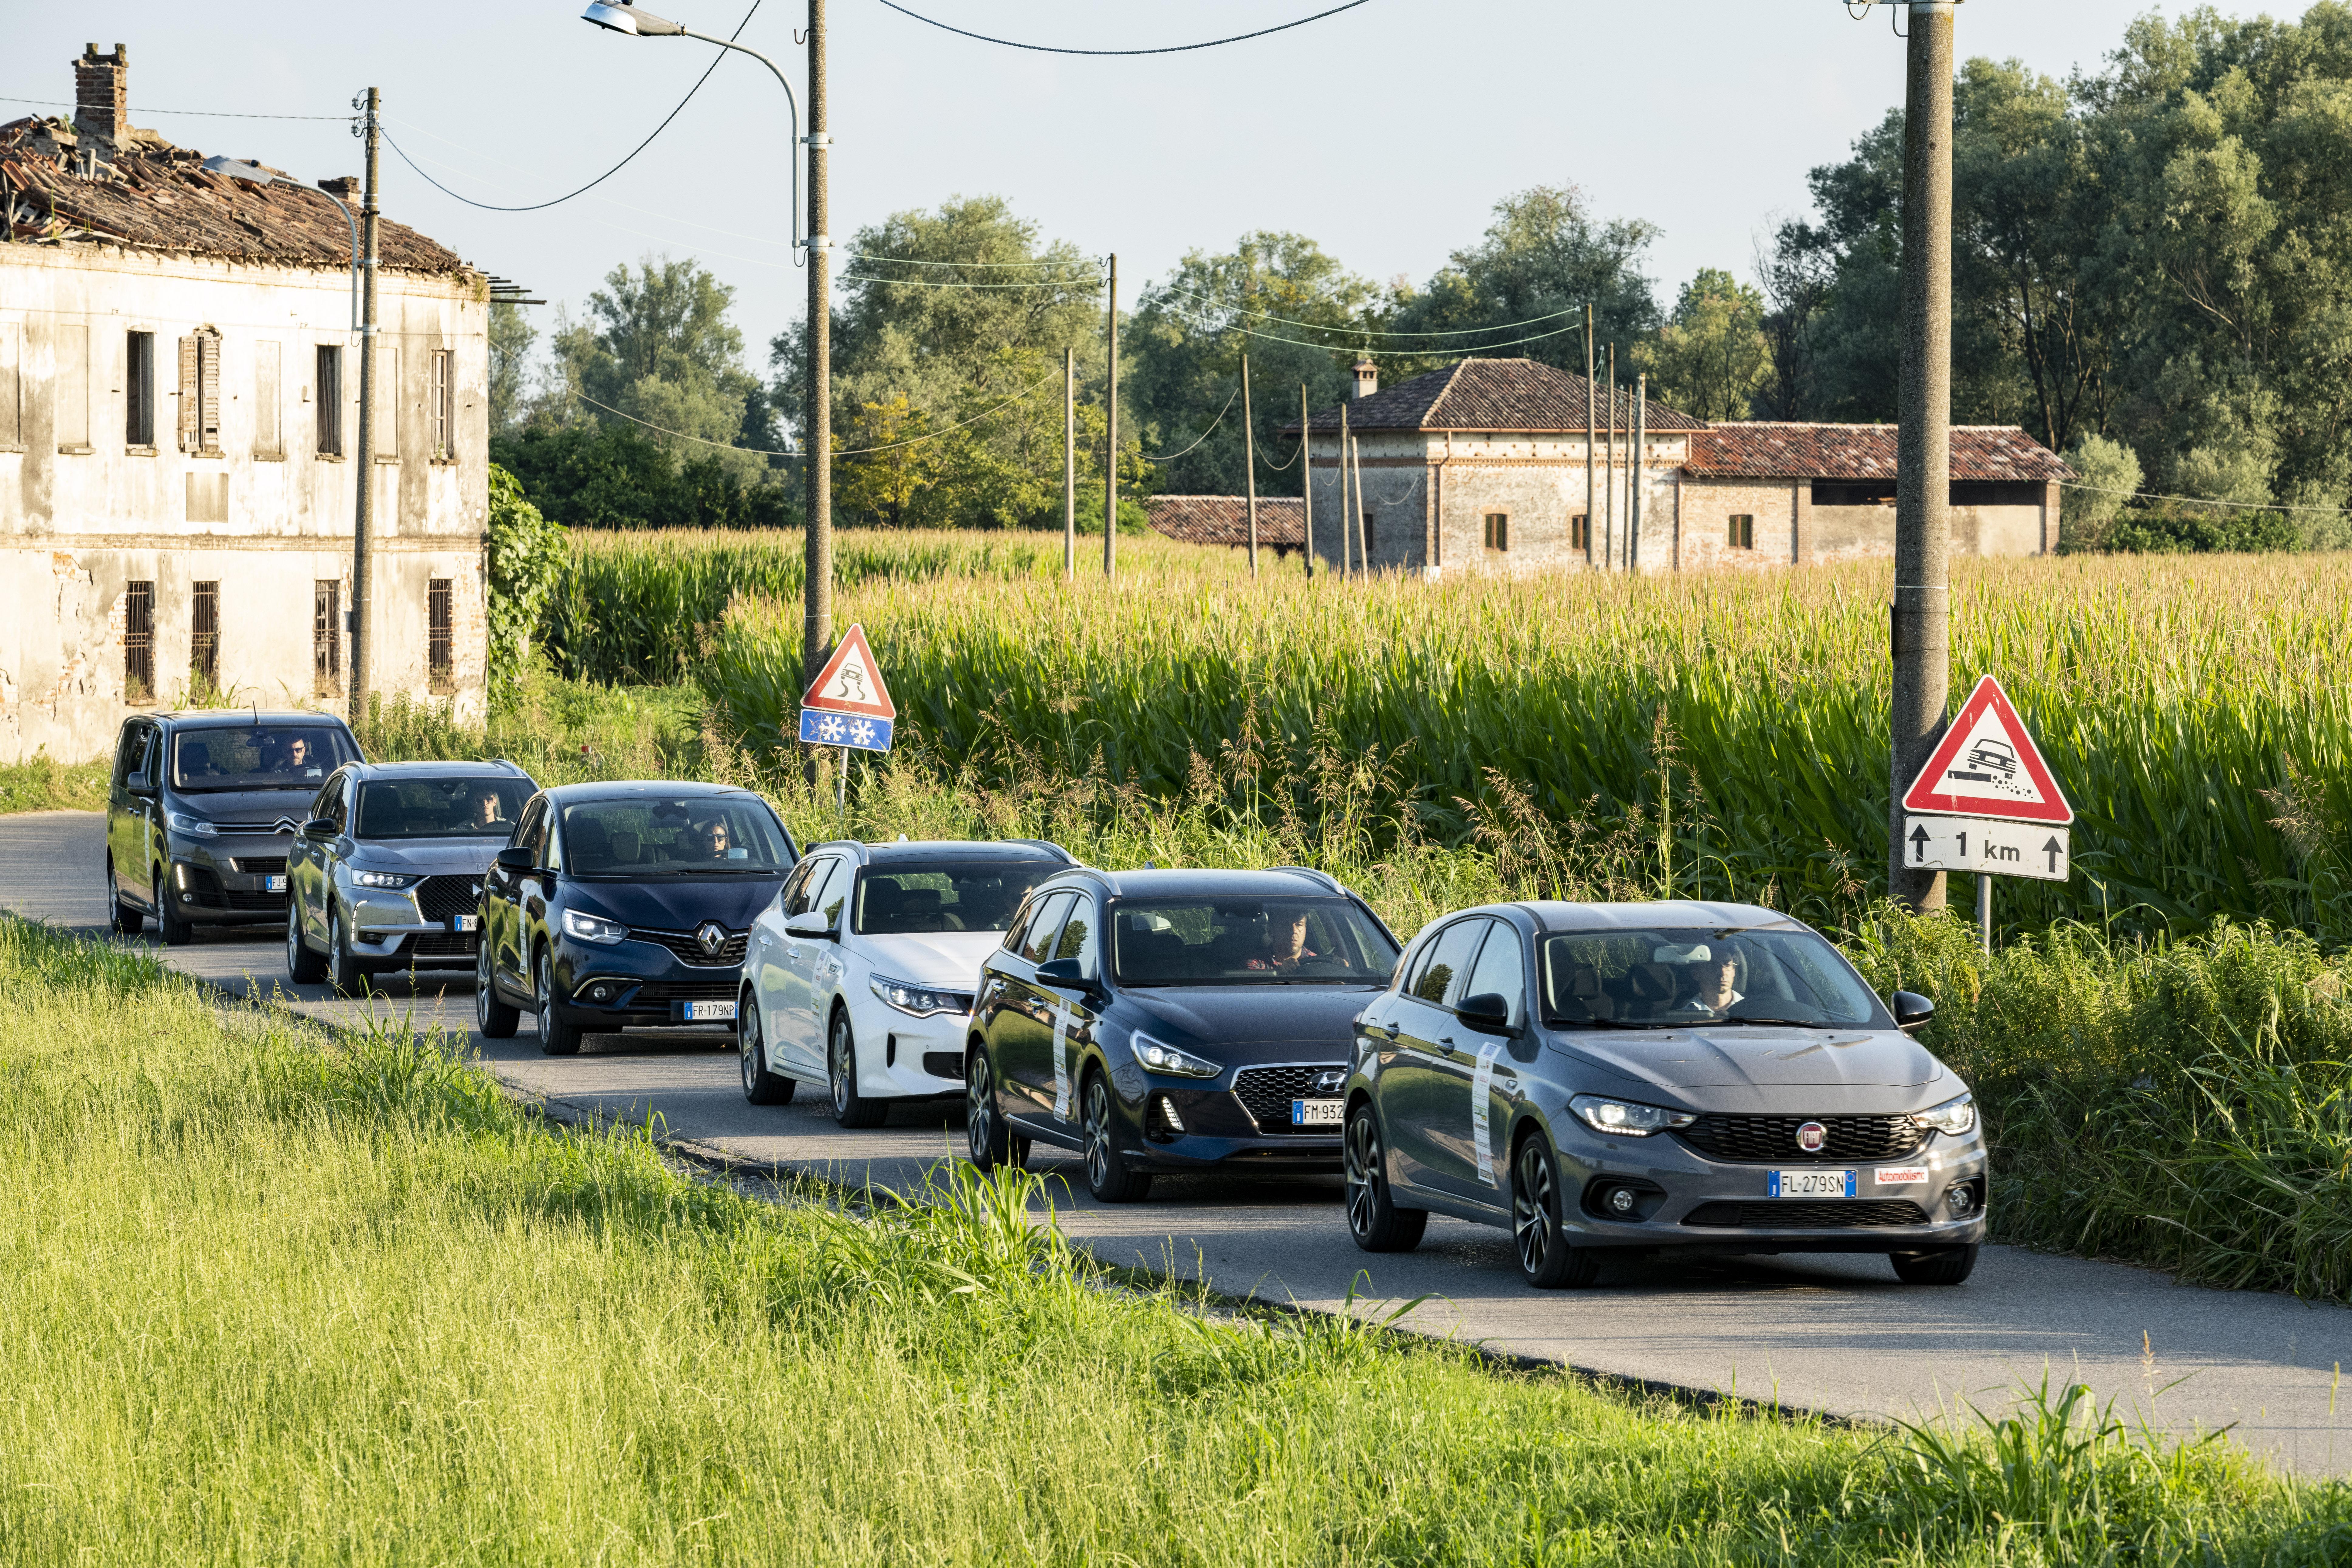 Auto a noleggio: guida all'acquisto dei 6 modelli in prova - Test Drive [Speciale]